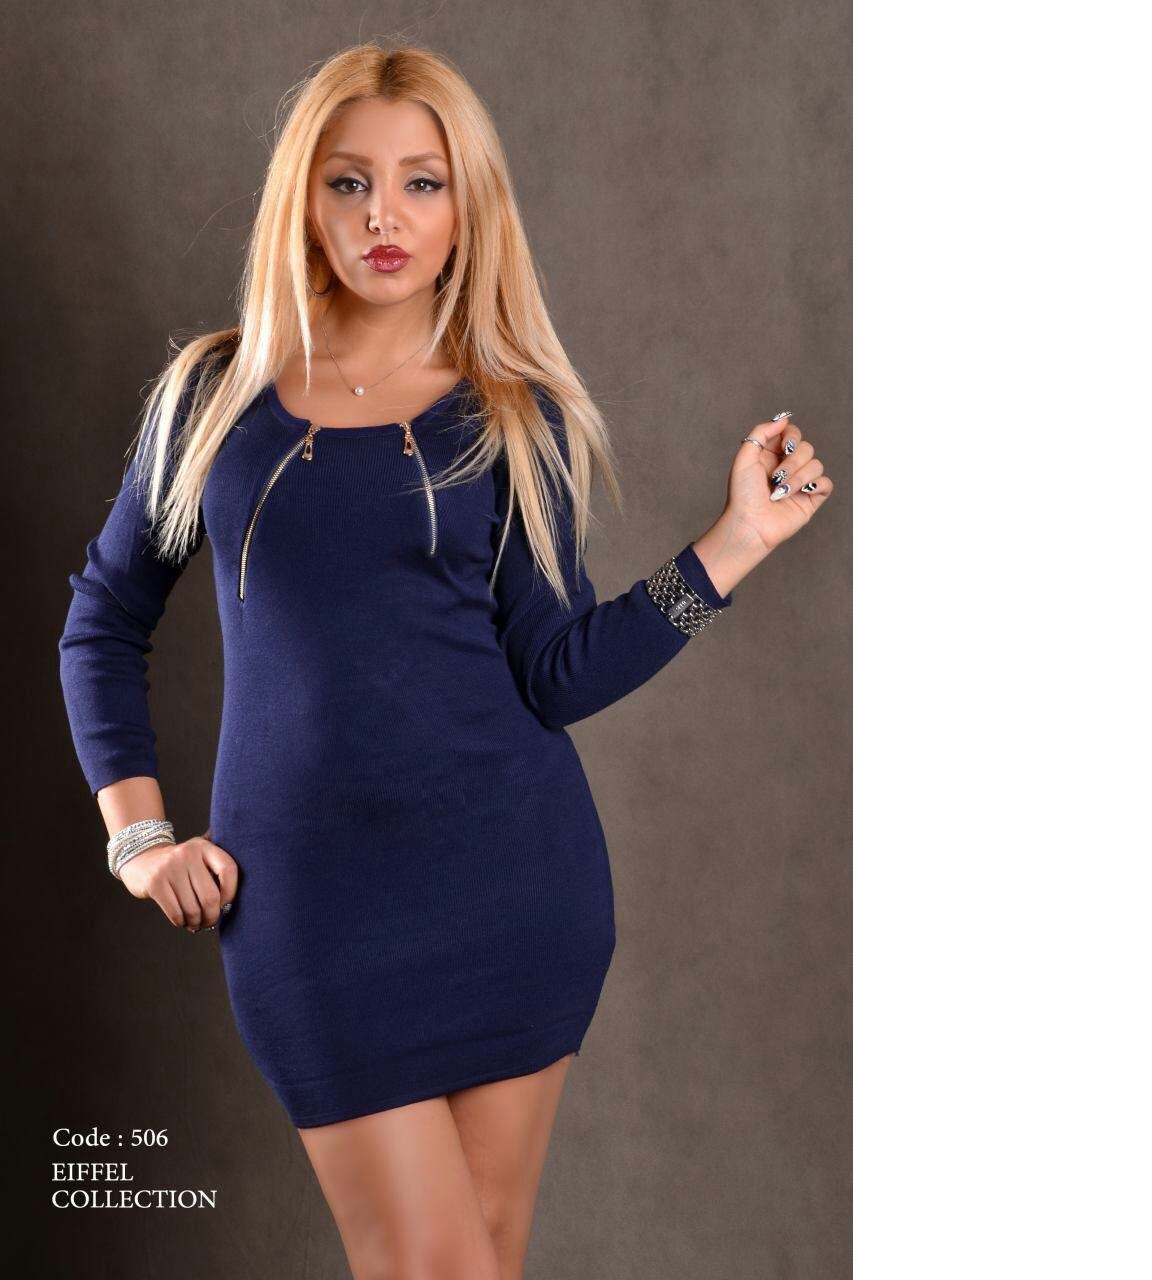 فروش اینترنتی لباس زنانه